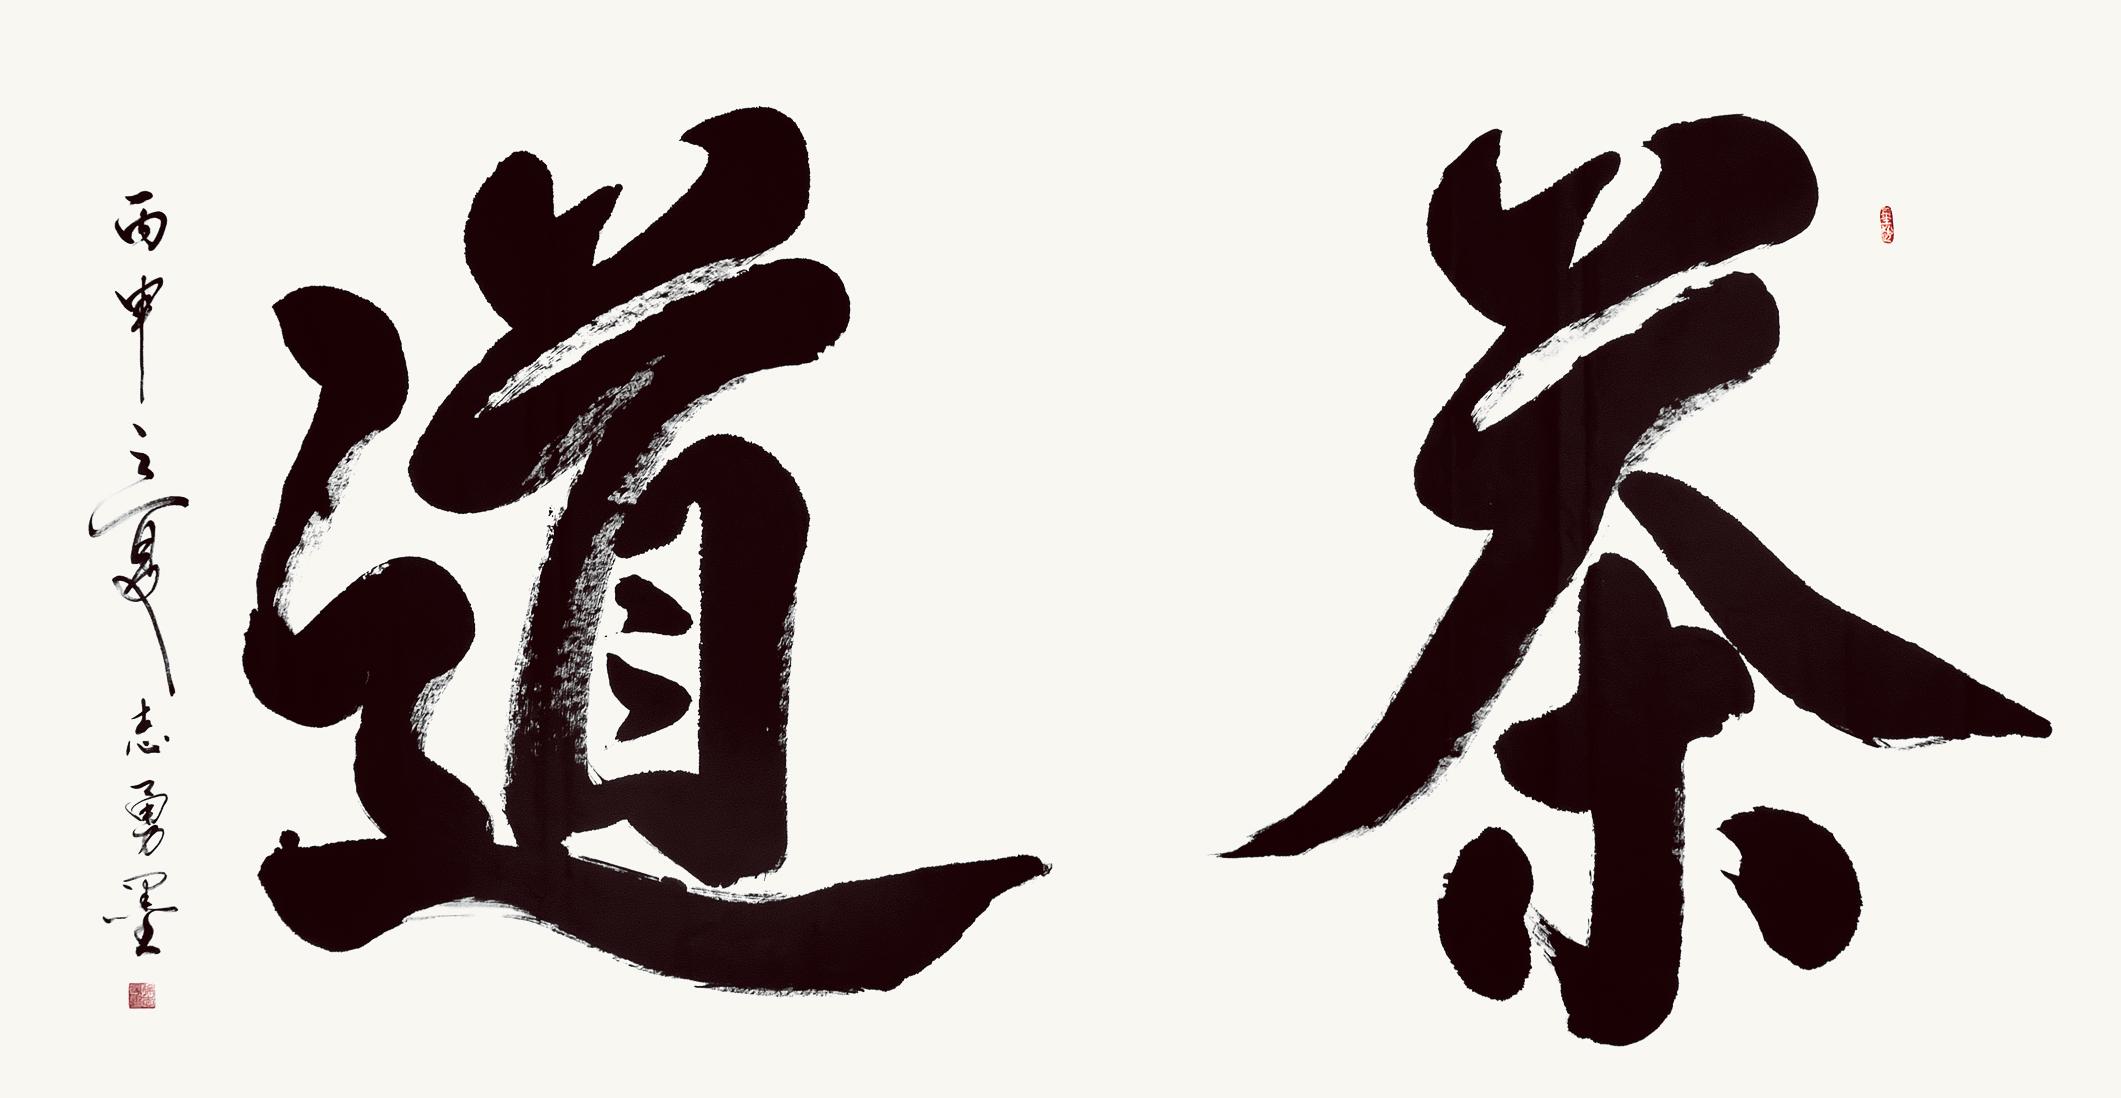 《茶道》榜书 纸本墨笔 行楷 2016年